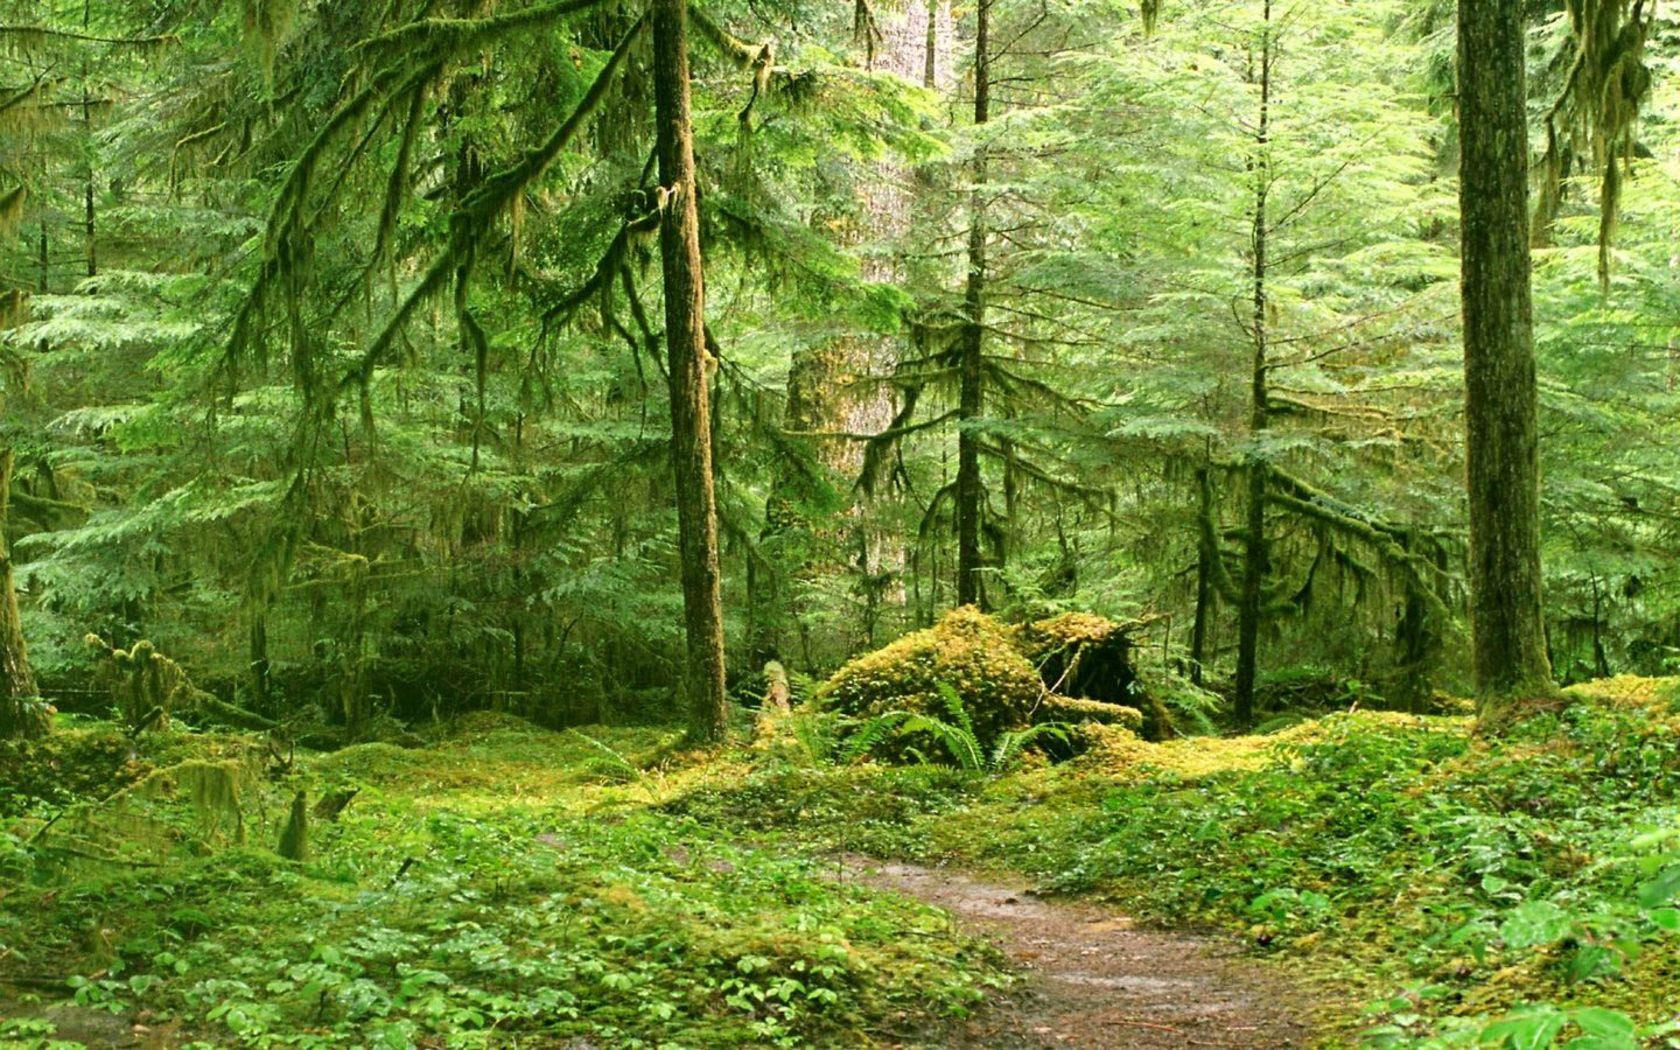 зеленый лес, скачать фото, обои на рабочий стол